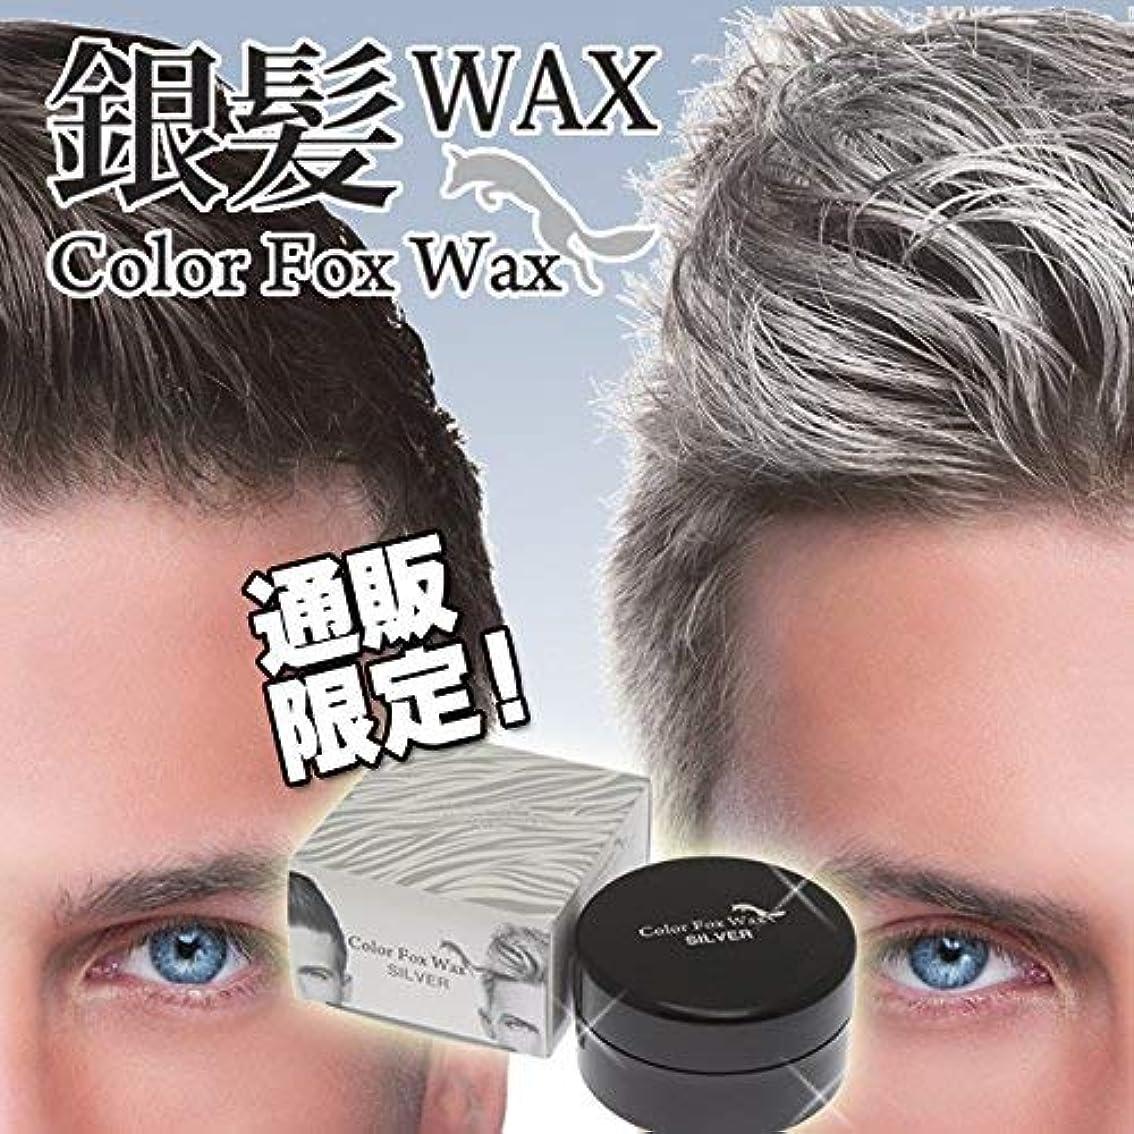 色合い慢不器用【正規品】1DAY銀髪カラーリング カラーフォックスワックス シルバー120g